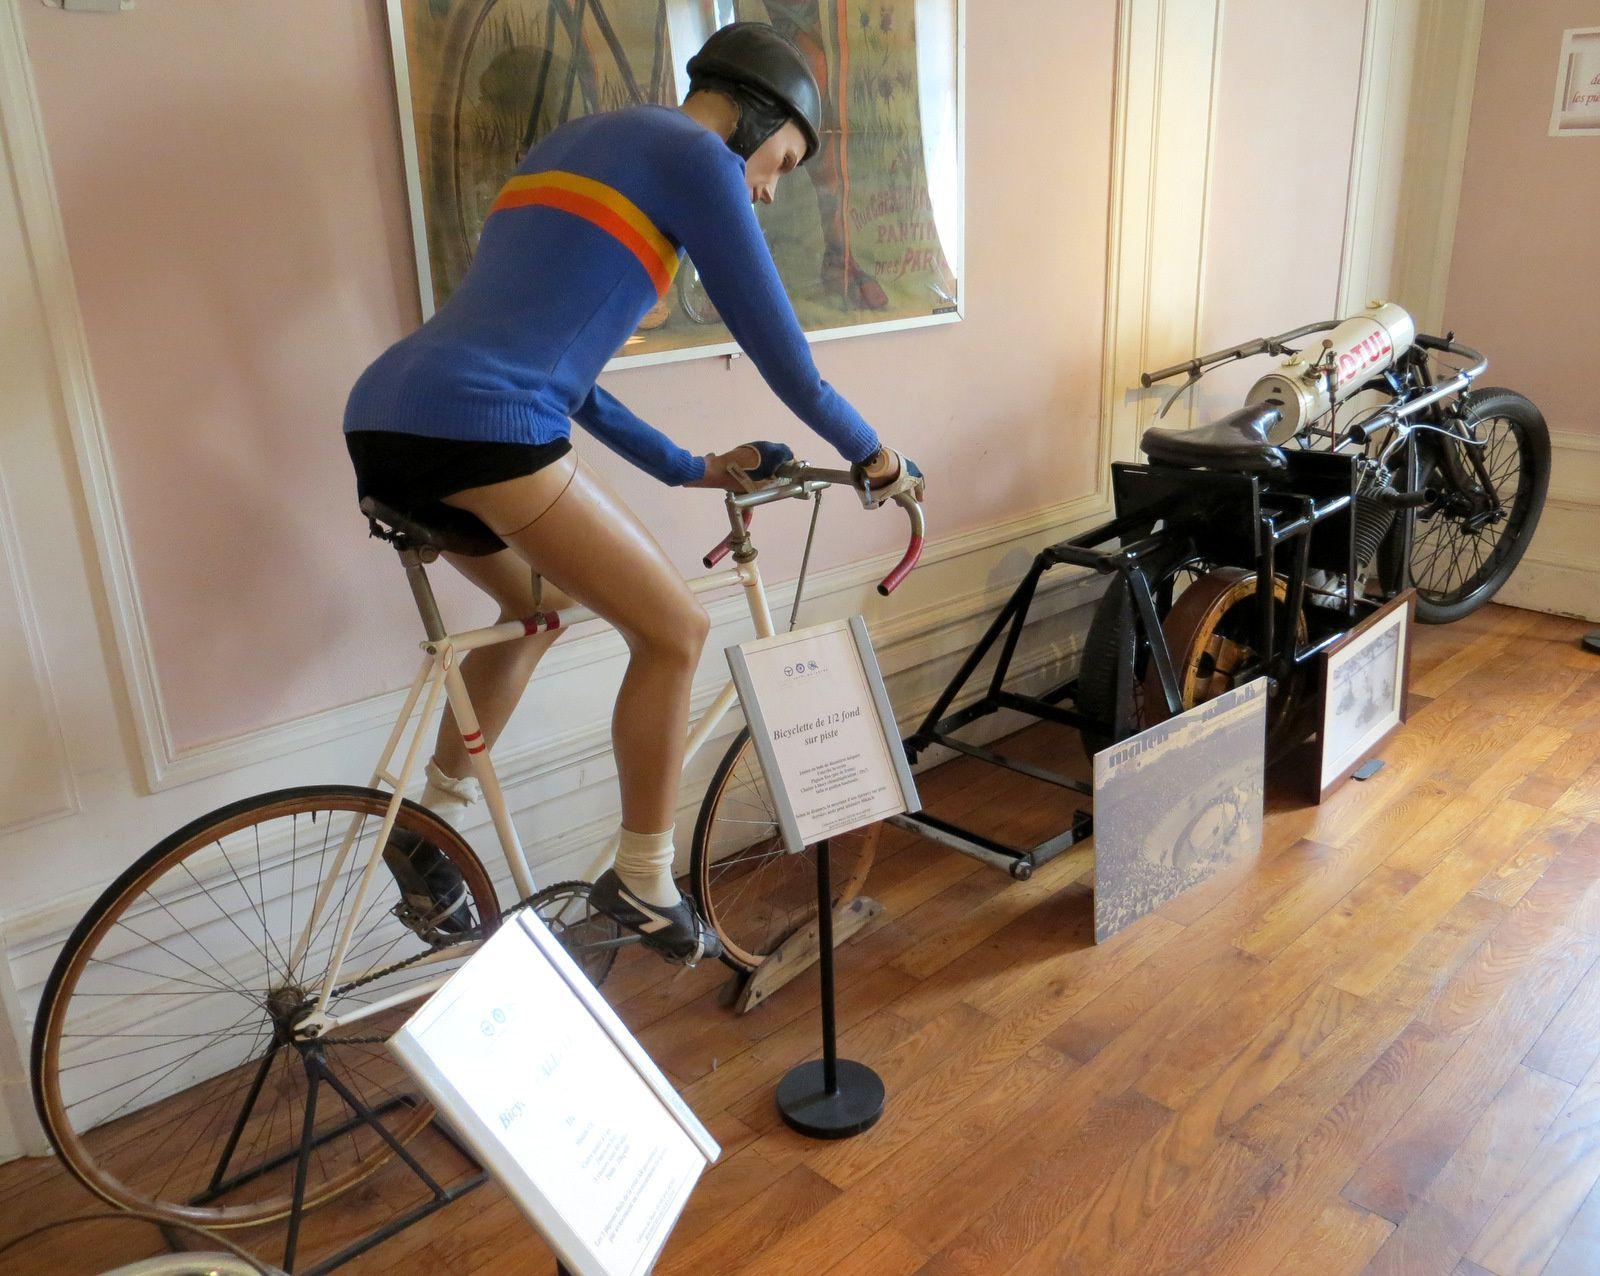 Moto demi-fond sur piste Stayer et bicyclette demi-fond sur piste